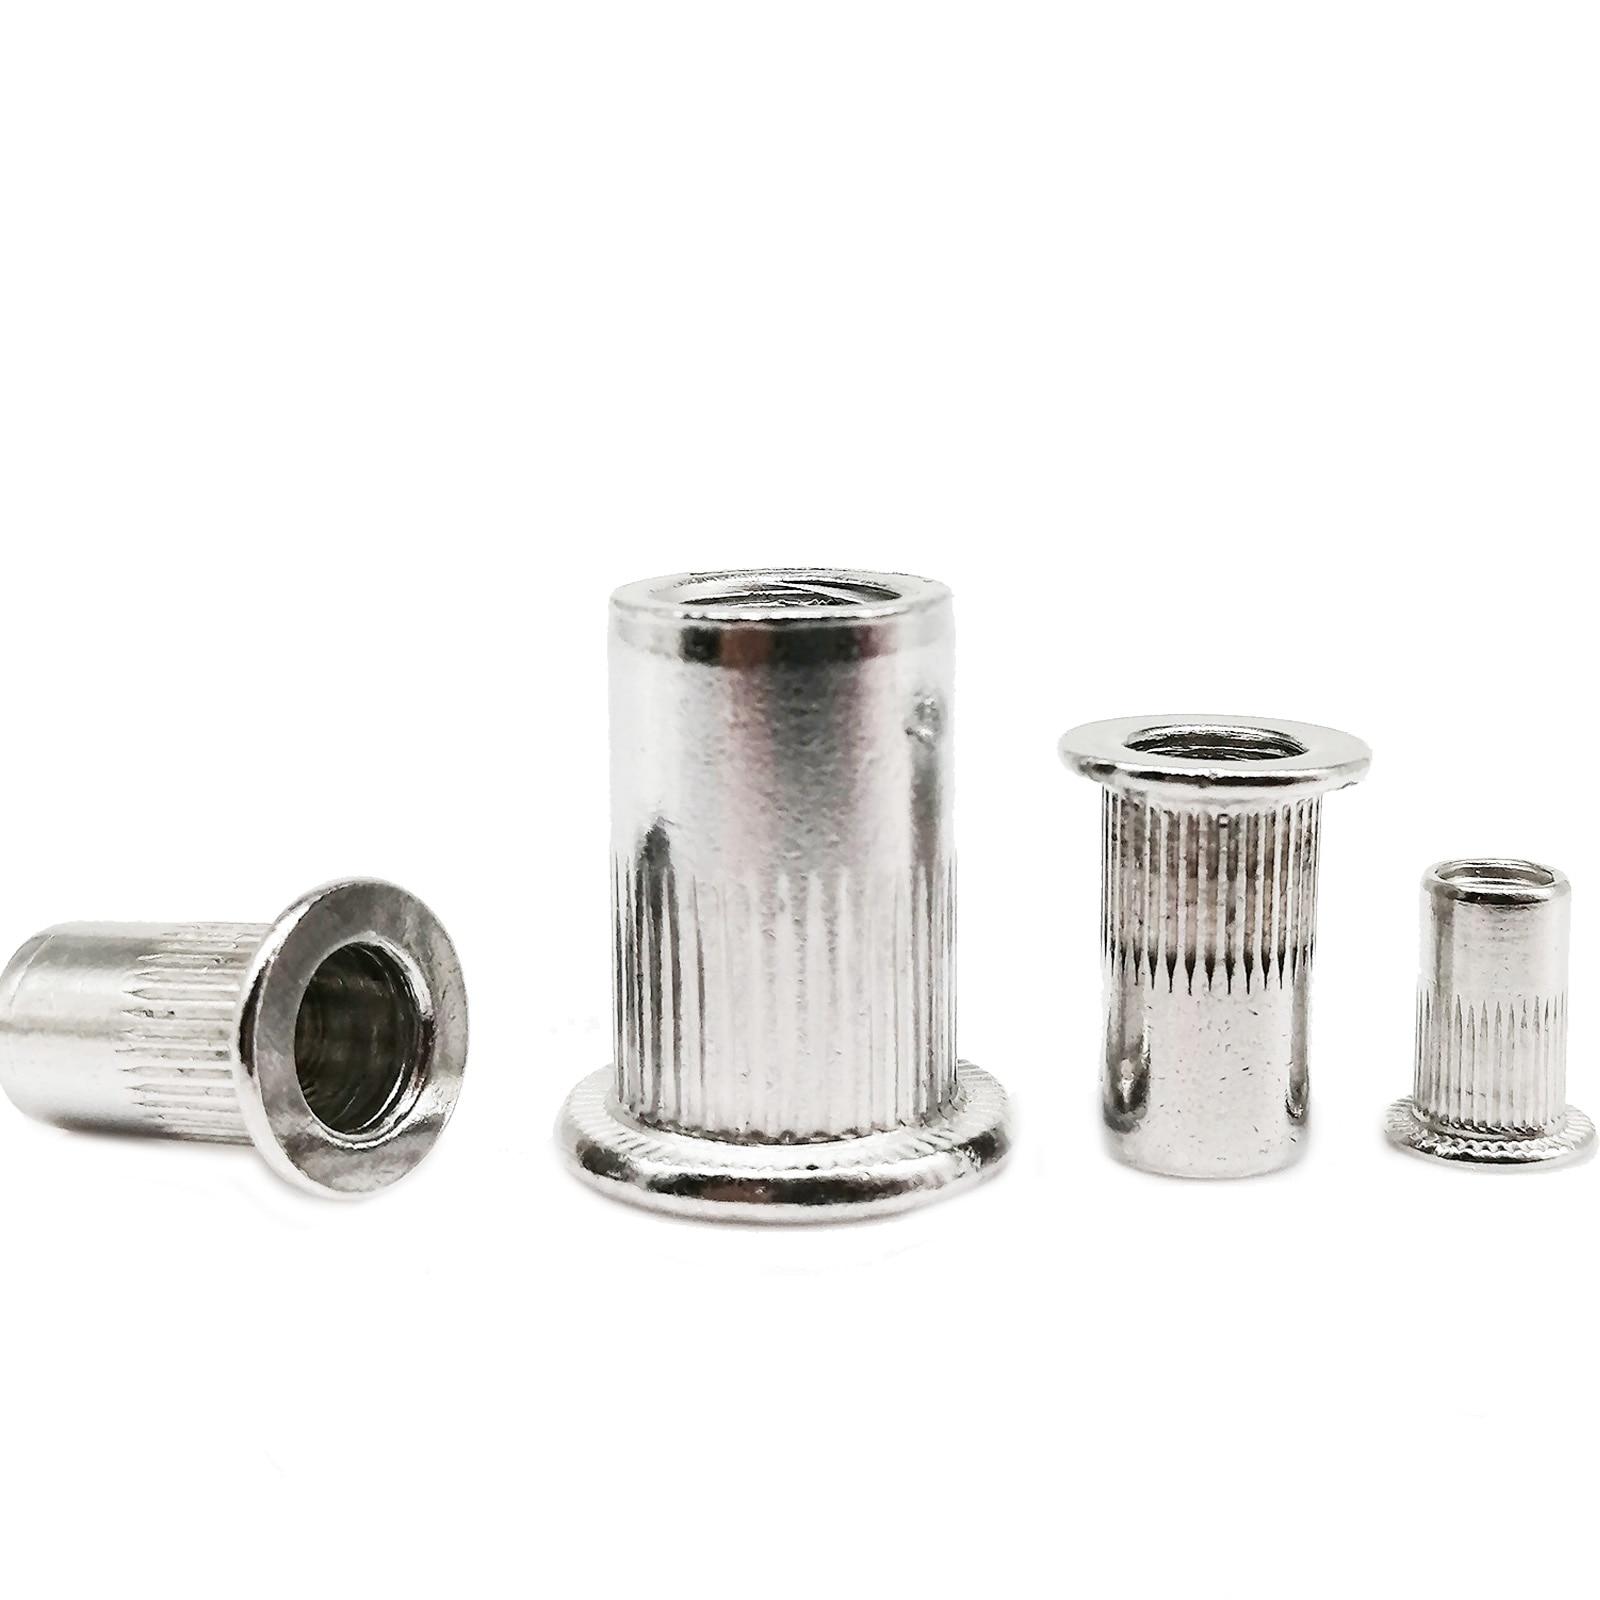 50 Pcs M5x13mm Aluminium Countersunk Head Blind Rivet Nuts Nutserts R6L6